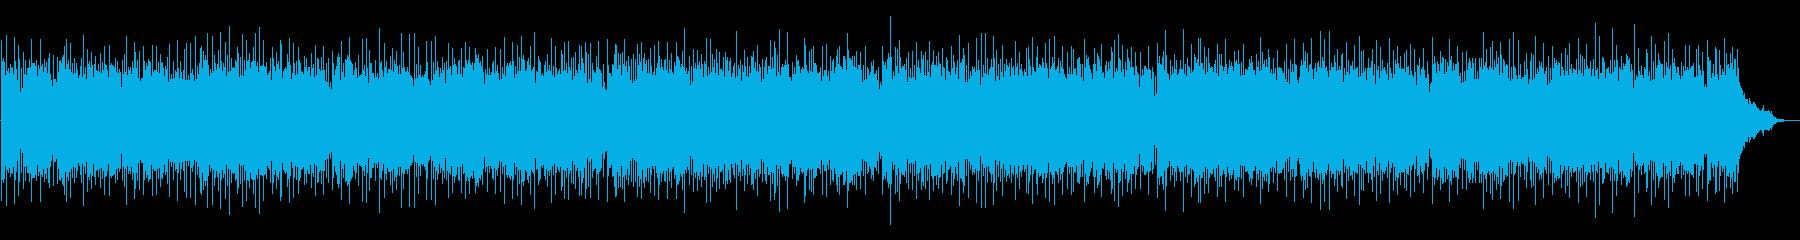 幻想的なポップバラードの再生済みの波形